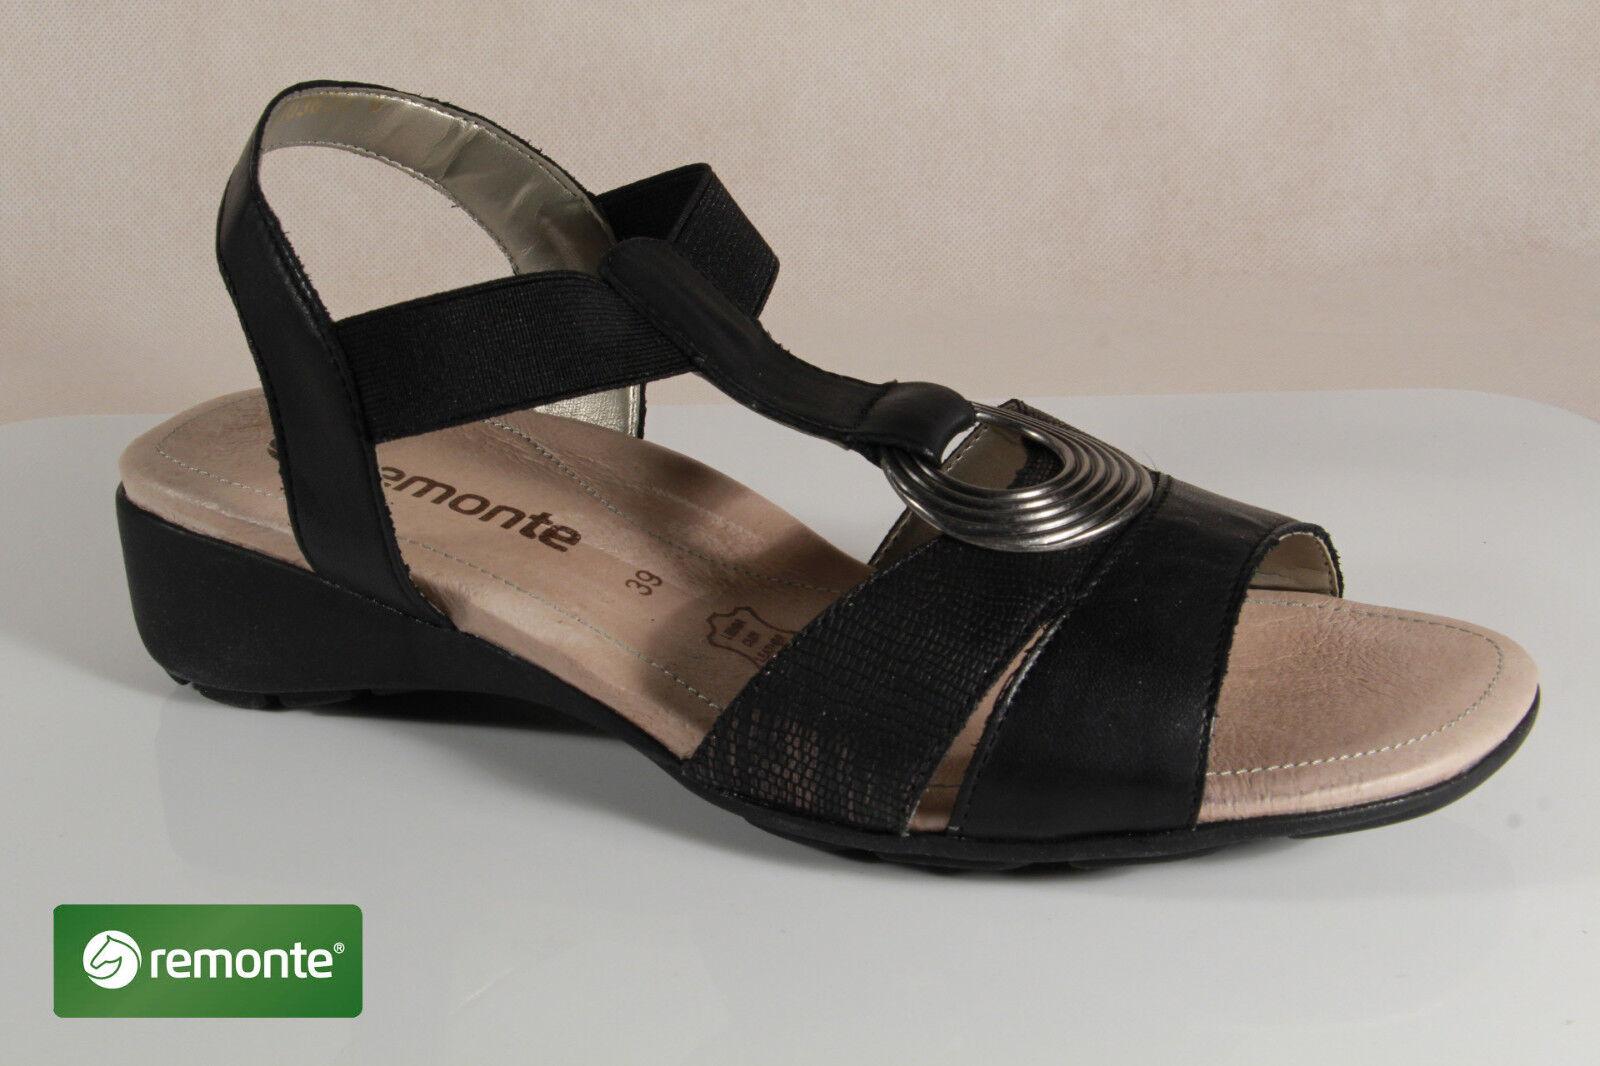 Los zapatos más populares para hombres y mujeres Descuento por tiempo limitado Remonte Sandalia Sandalias r5273 Negro plantilla piel NUEVO